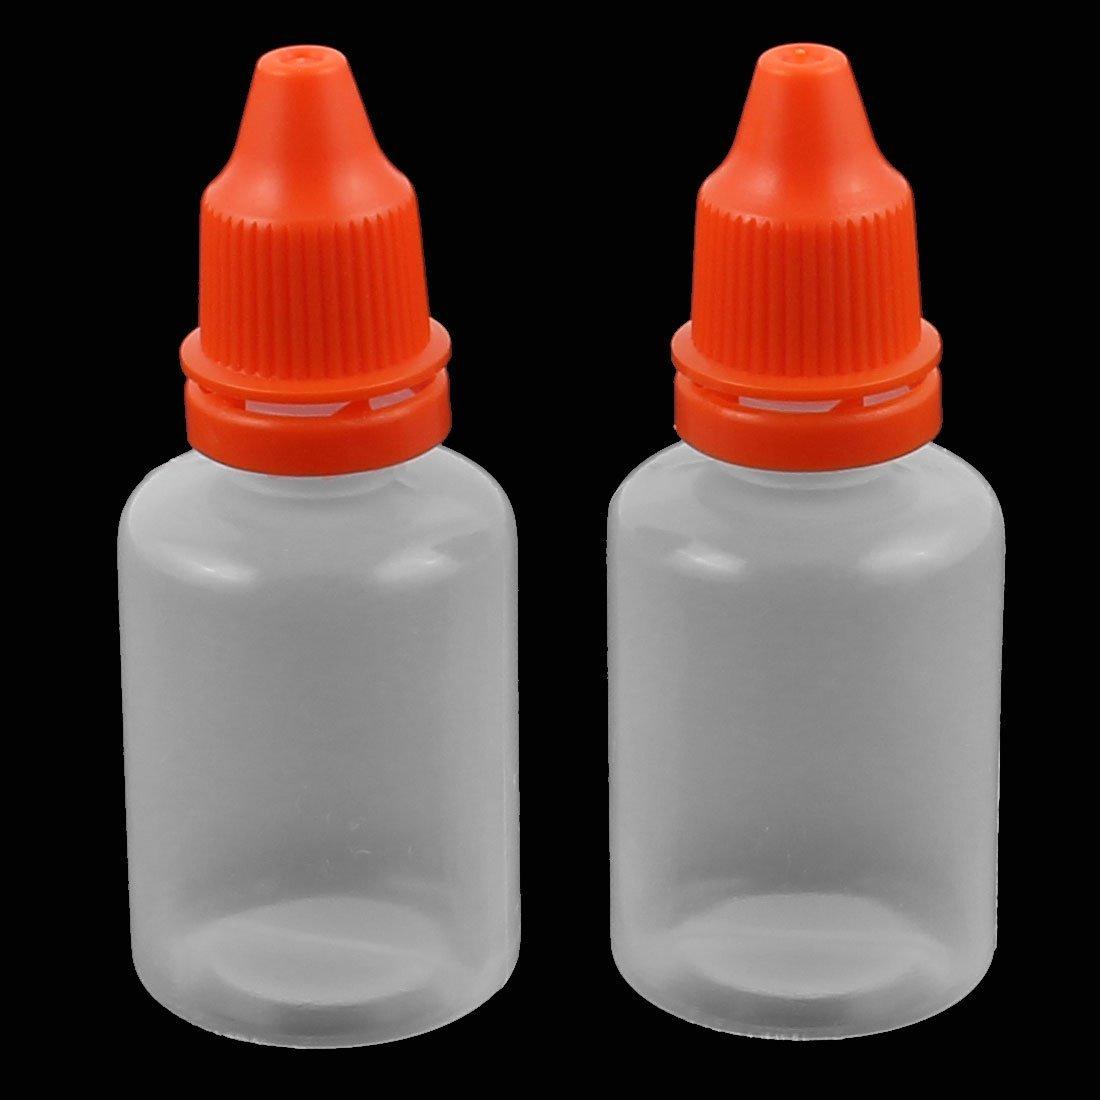 Botella eDealMax 2pcs 20 ml Con gotero de plástico transparente gota de ojos líquido Squeezable casquillo Rojo vacío: Amazon.com: Industrial & Scientific